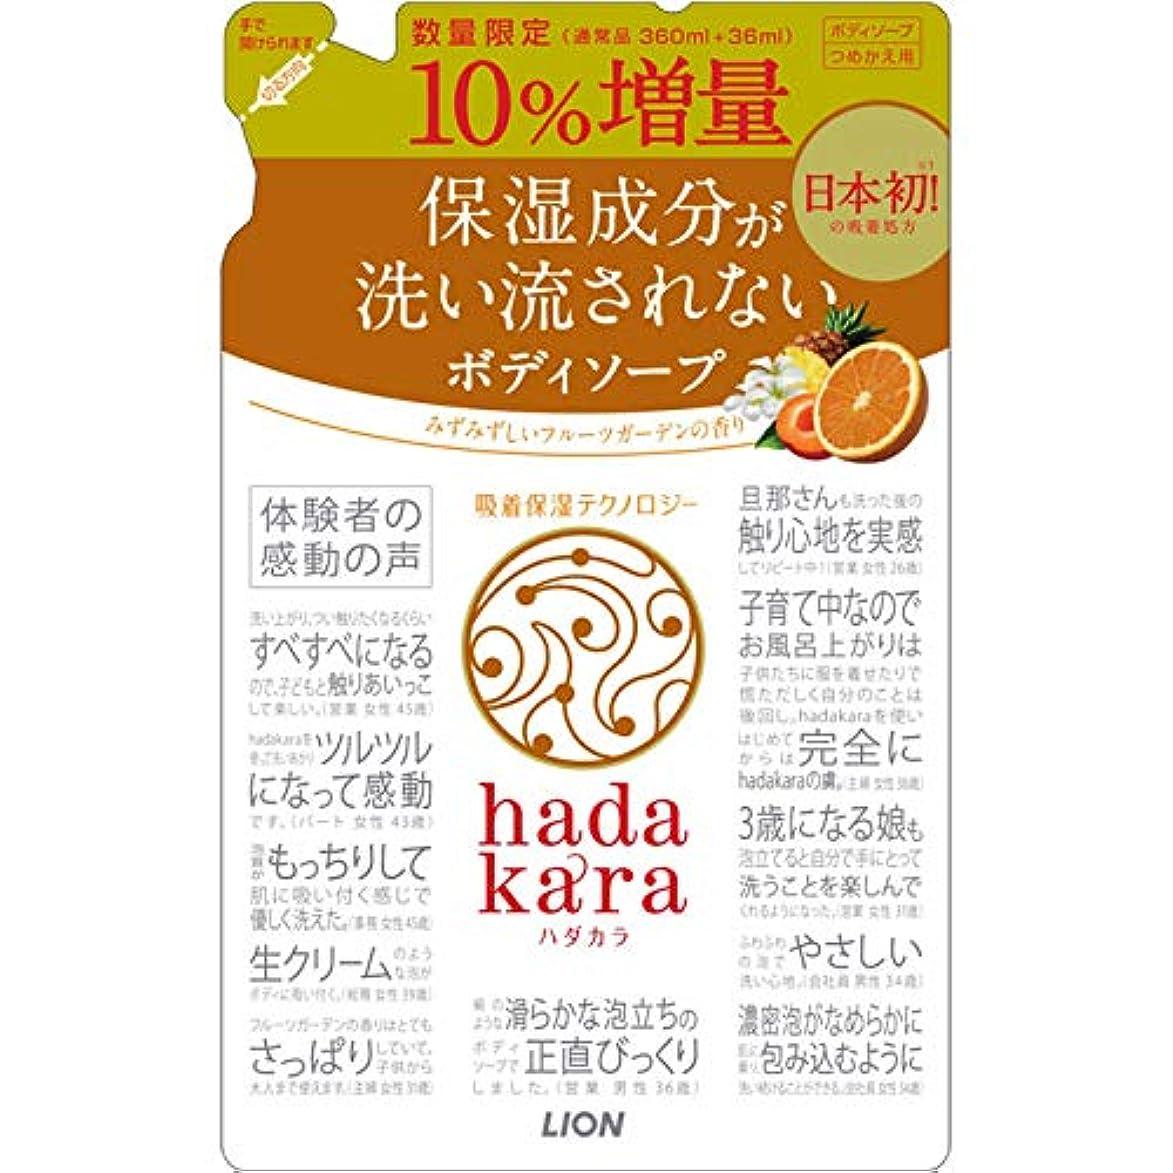 パーフェルビッドパラメータスナップ【数量限定】hadakara(ハダカラ) ボディソープ フルーツガーデンの香り つめかえ用 10%増量 396ml